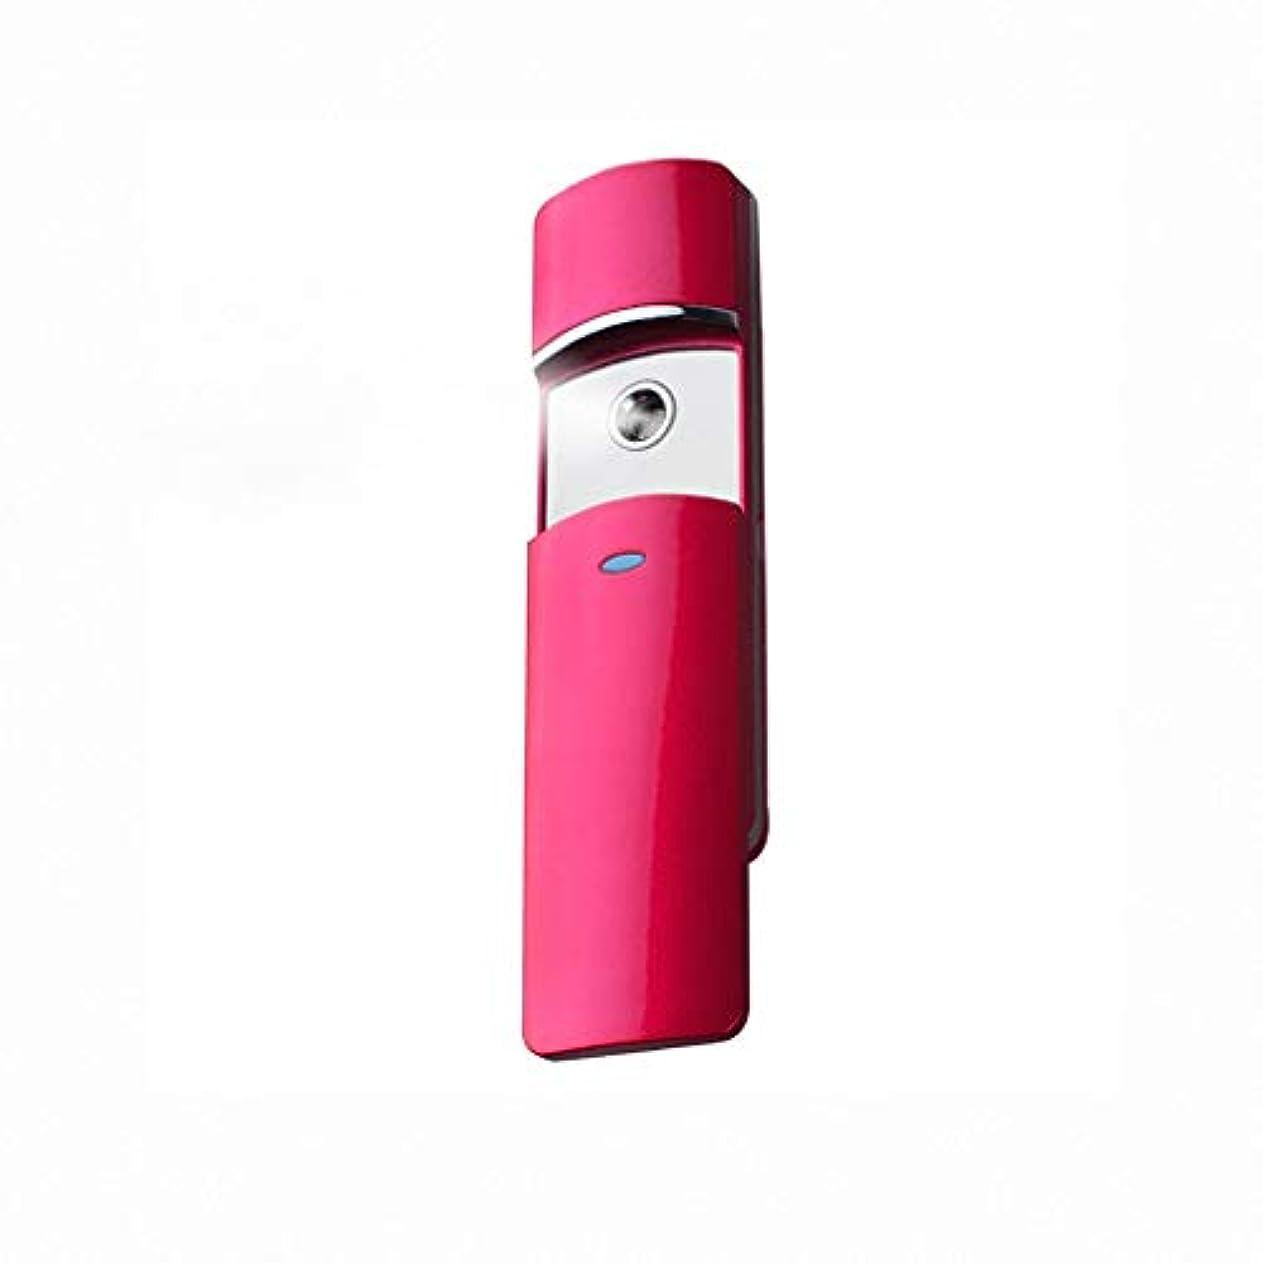 そしてまともなかみそり噴霧器usb充電式ポータブルフェイシャルスプレー用スキンケアメイクアップまつげエクステンションポータブル抗アレルギースチーマー充電器